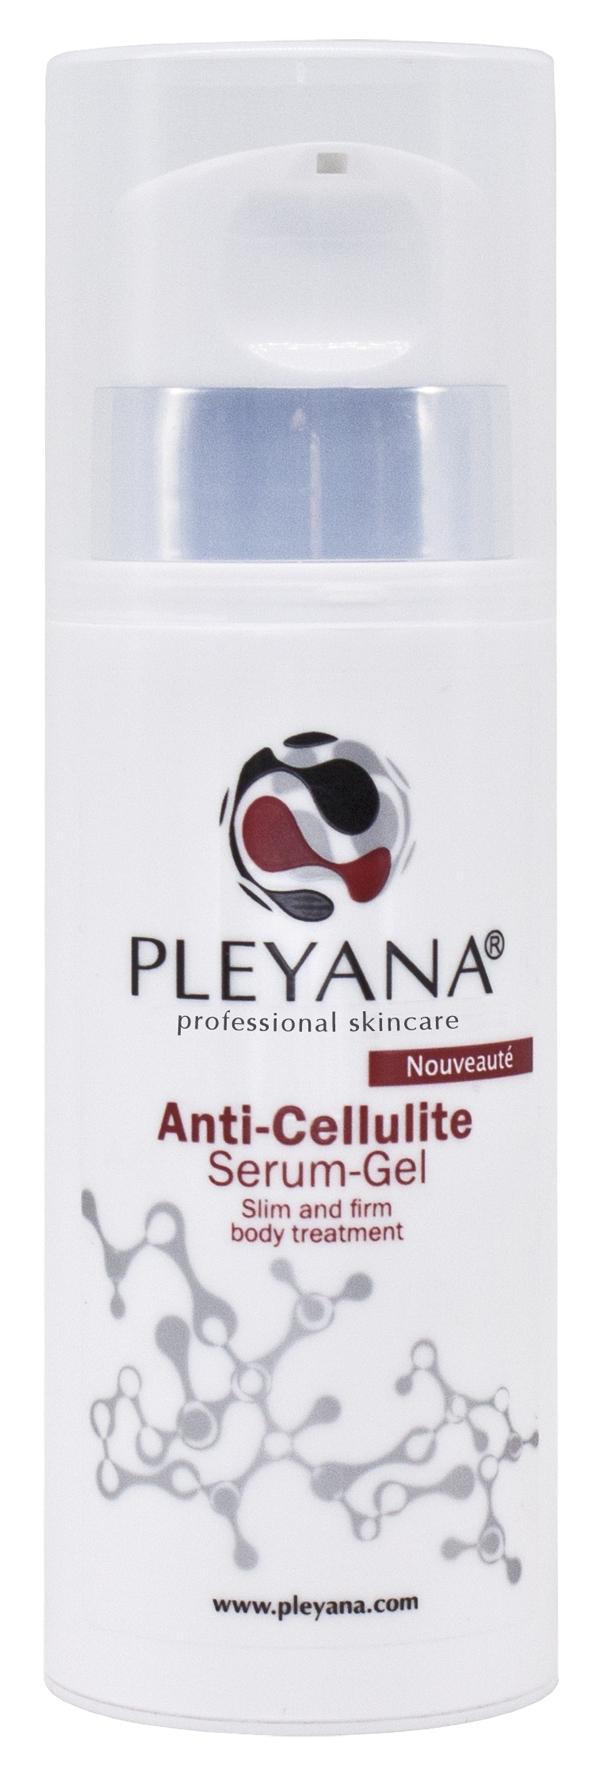 Pleyana Гель-Сыворотка Антицеллюлитная, 200 мл